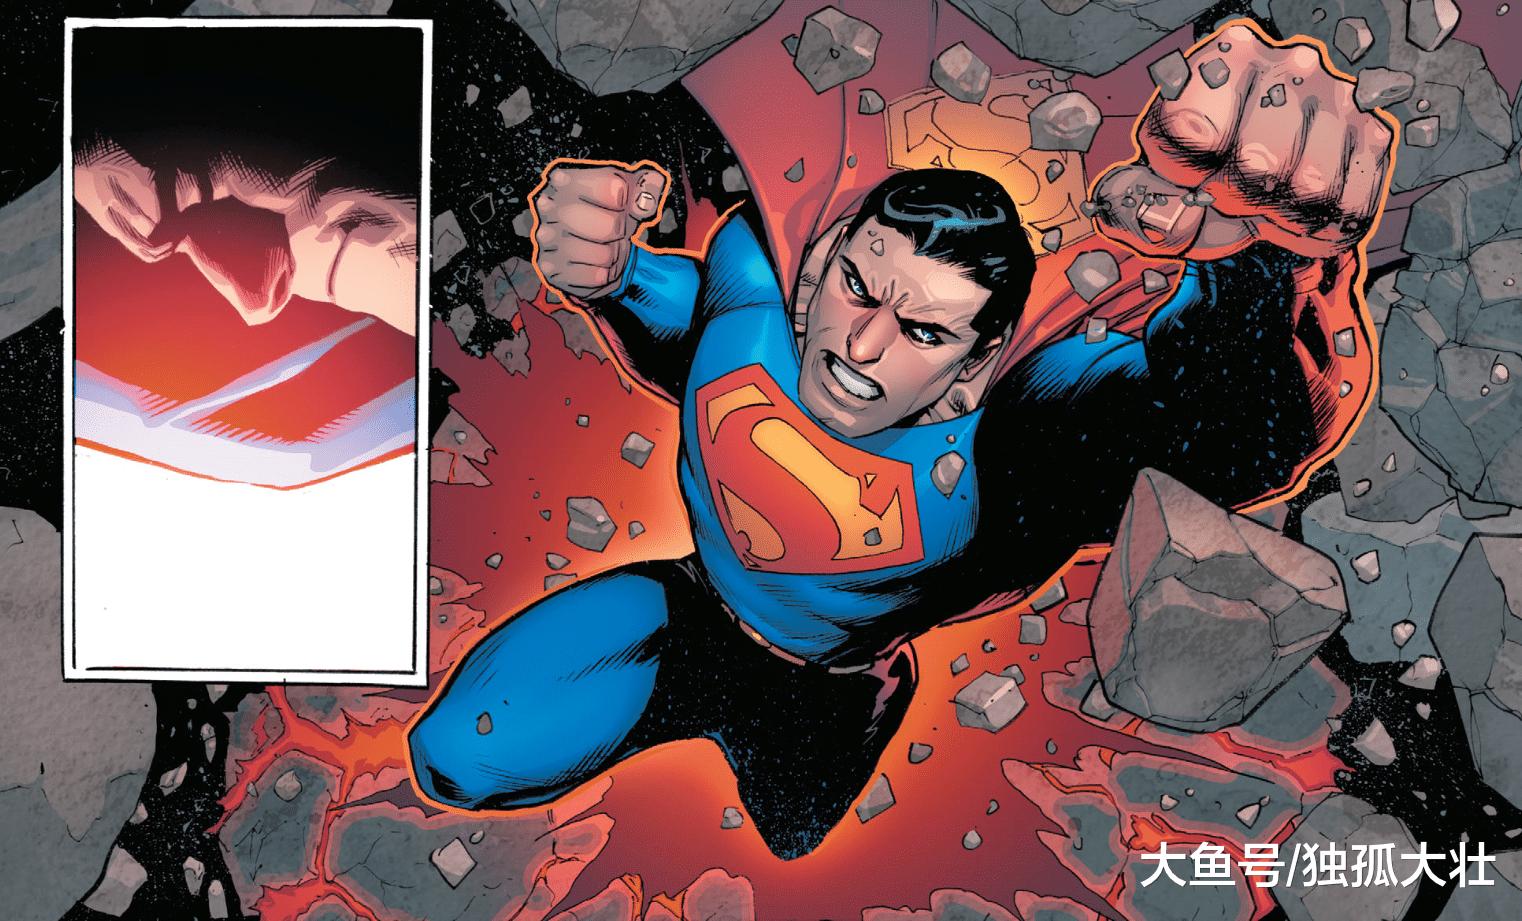 《超人》隐藏在大都会阴影中的神秘组织, 超人一直被暗中算计!